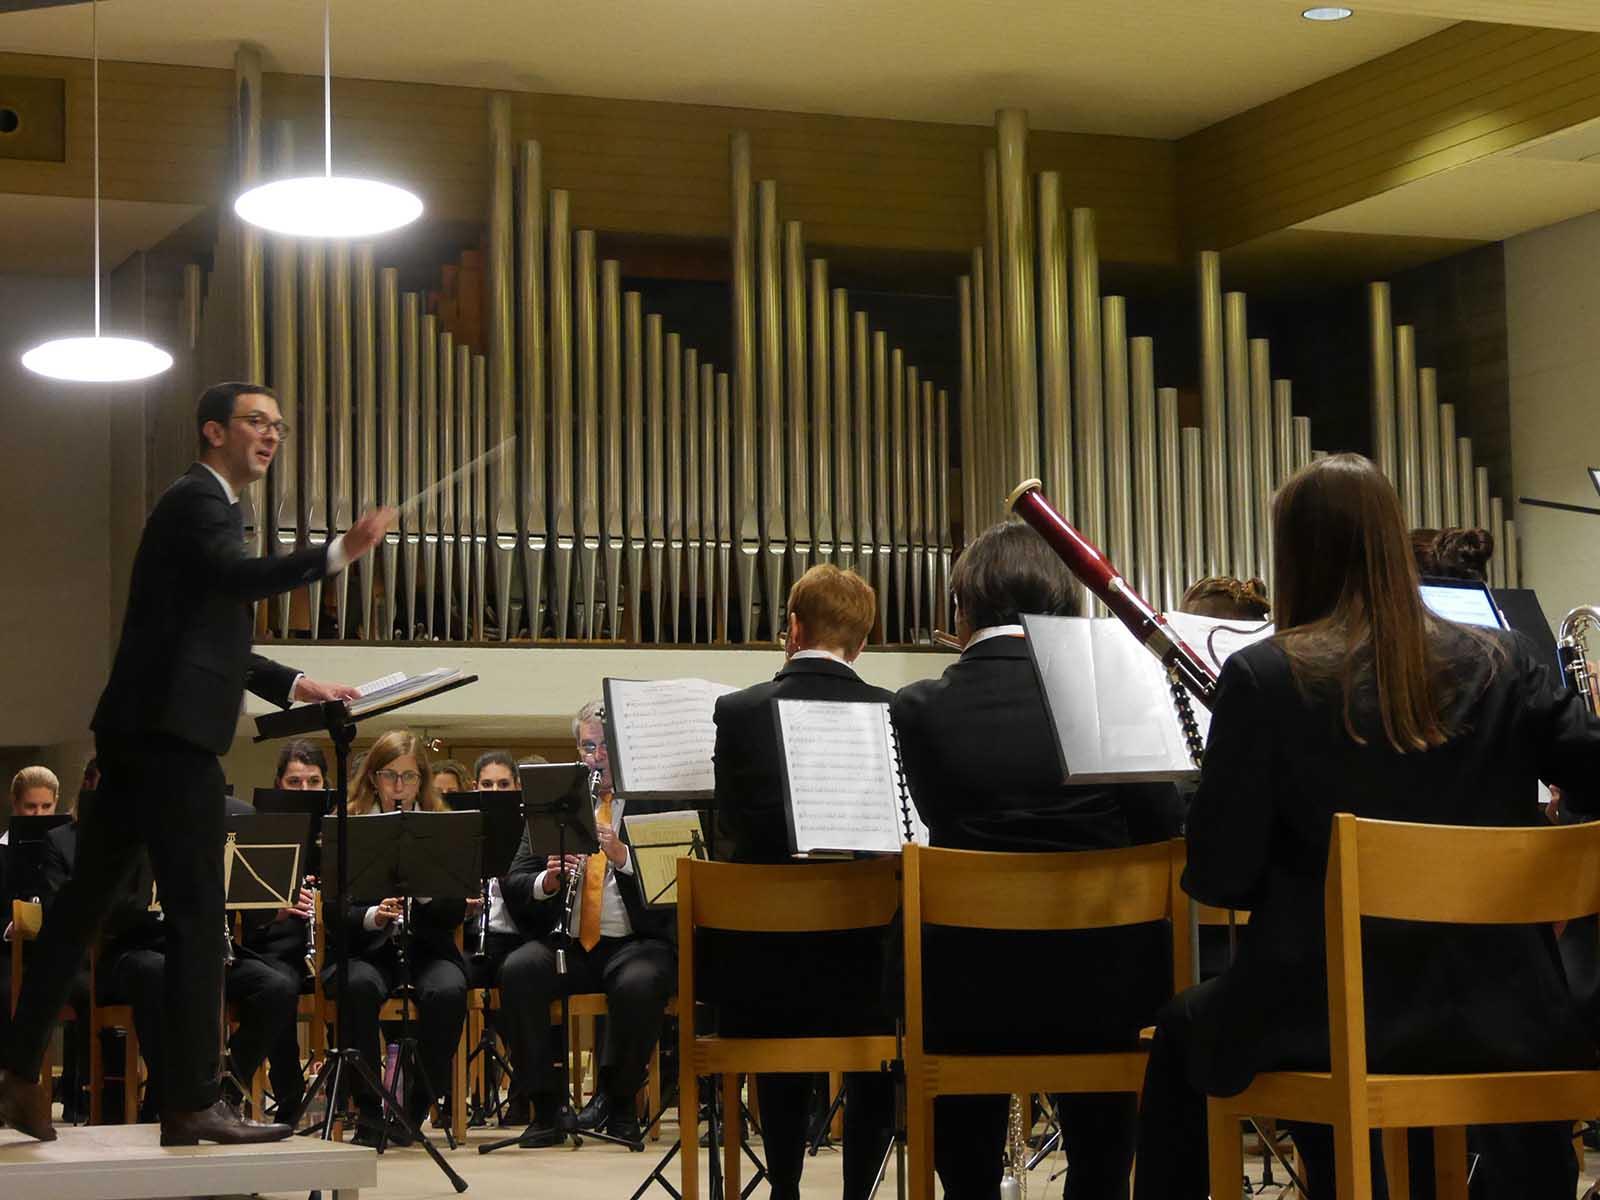 Geleitet wurde das Orchester von Dirigent Bernhard Meier.